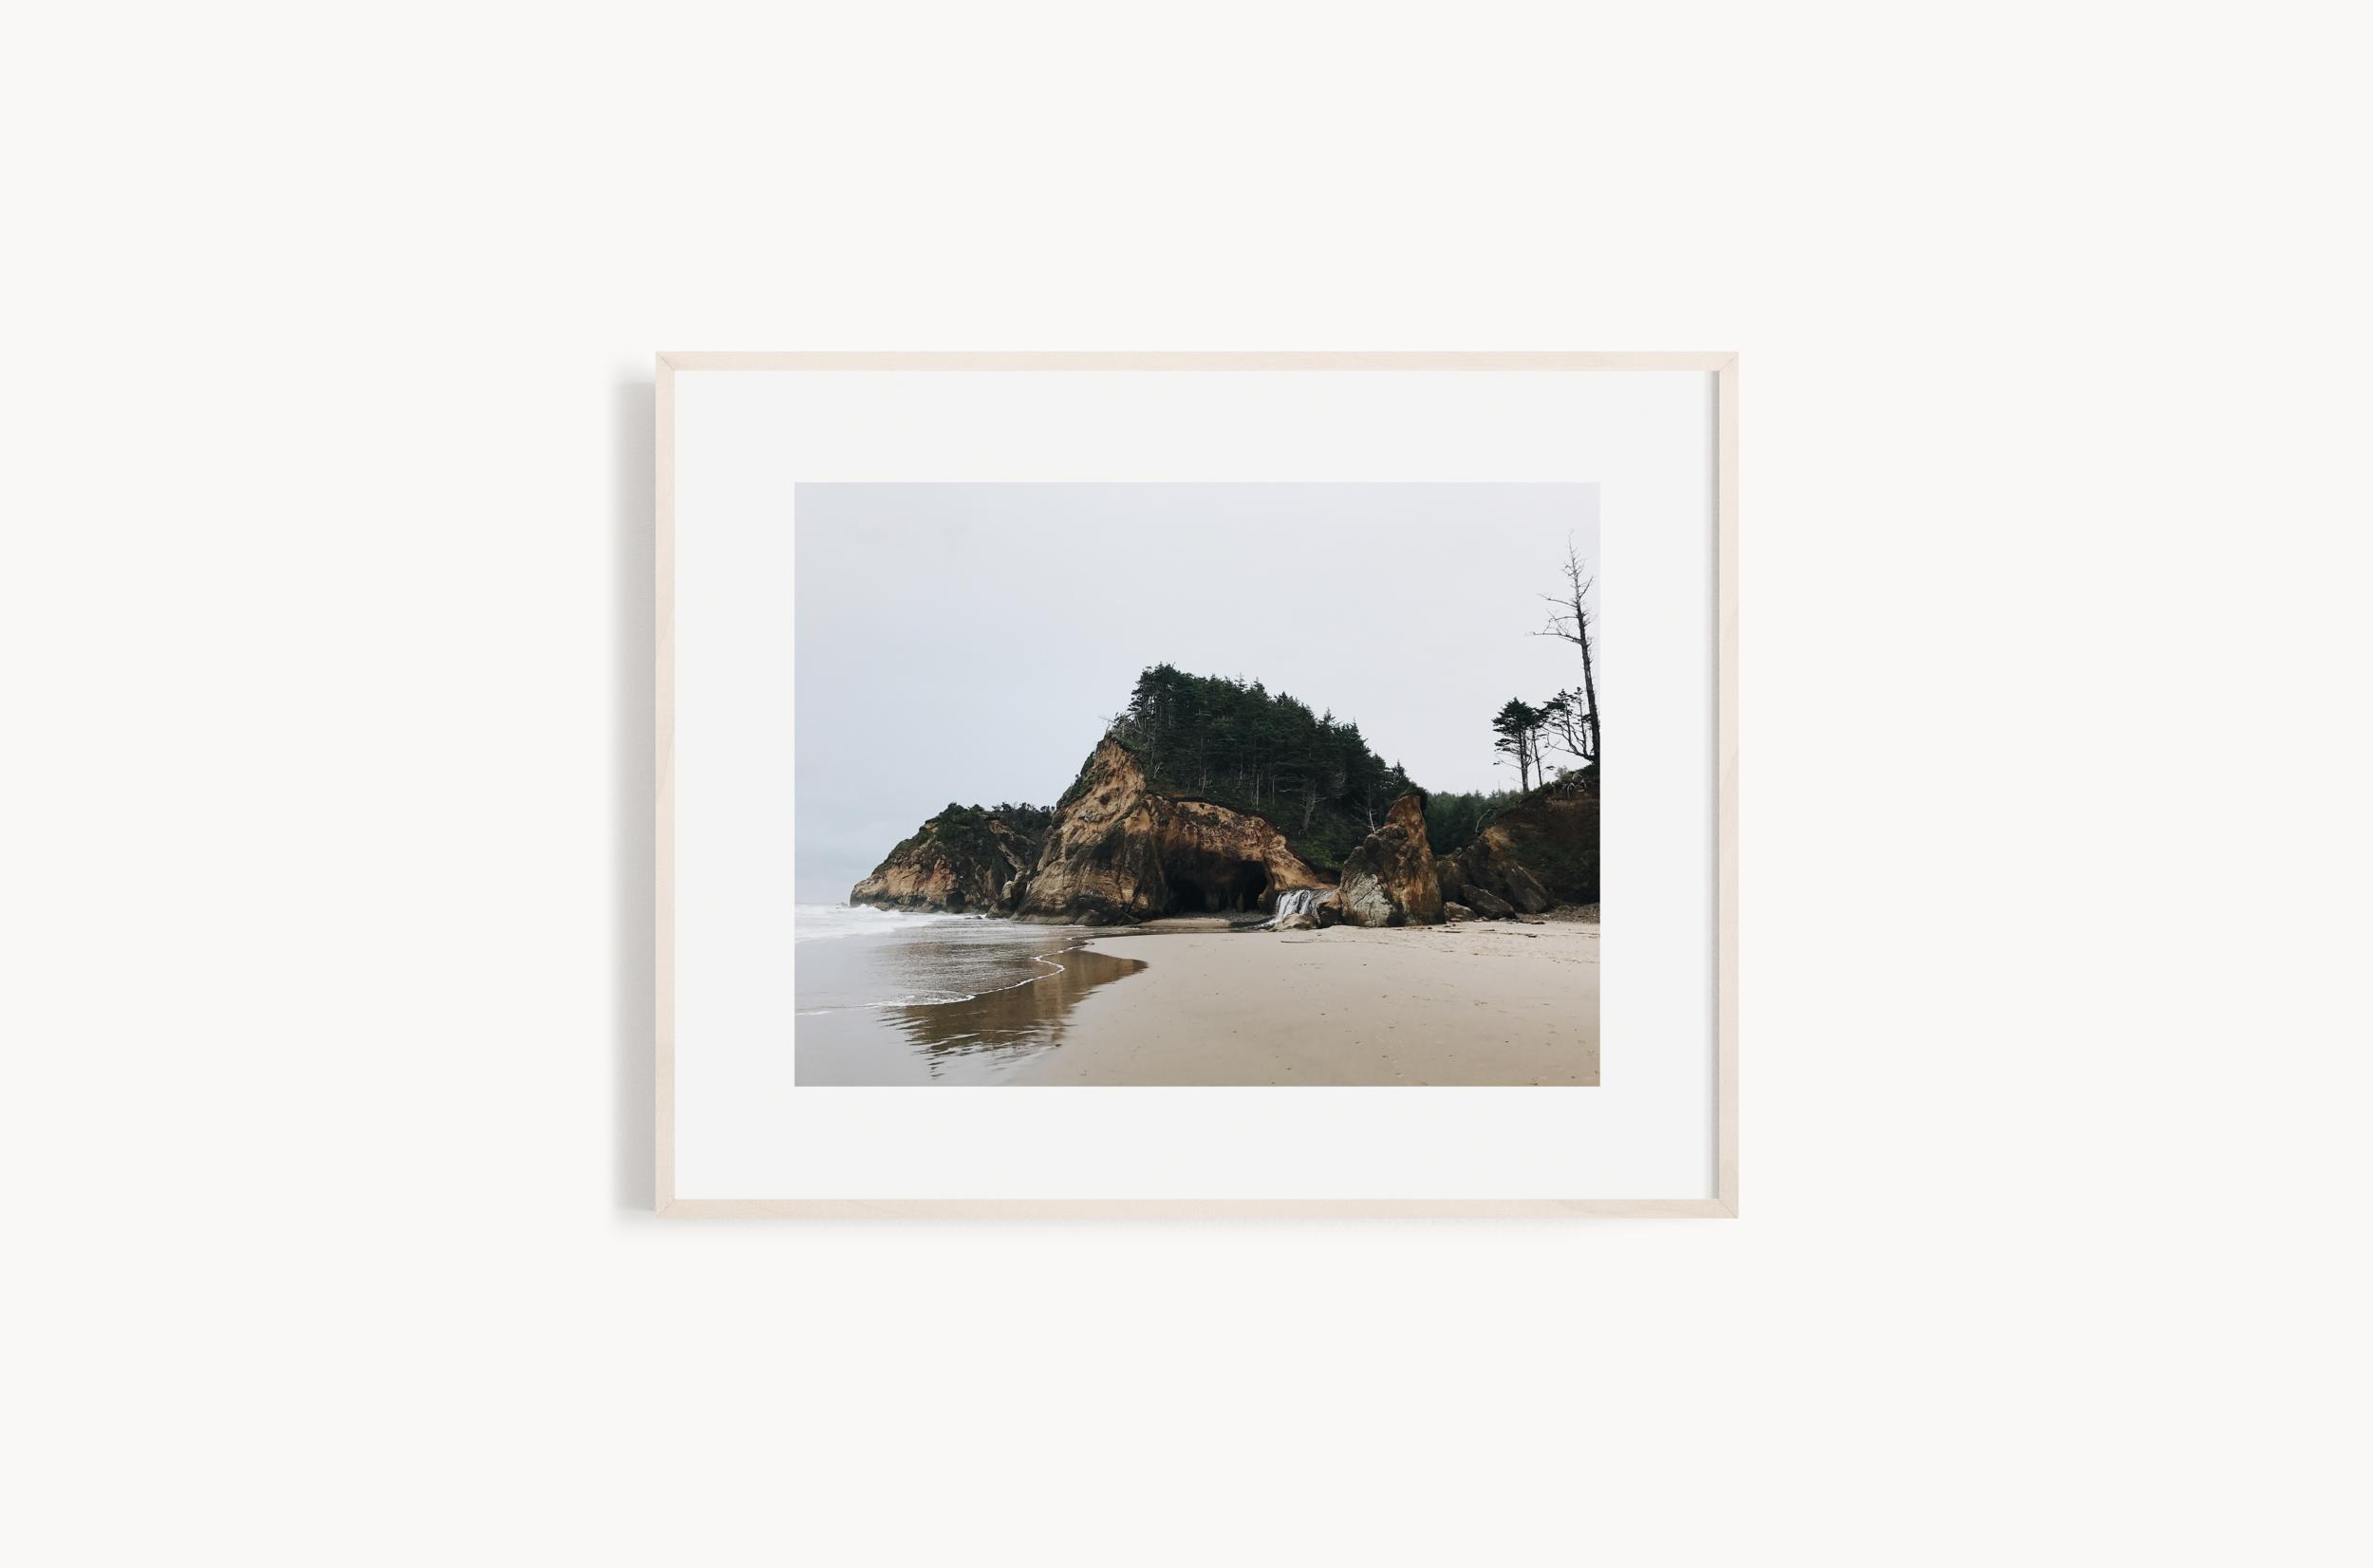 Braevin-Frames-Horizontal-Oregon-Rocks-04.png